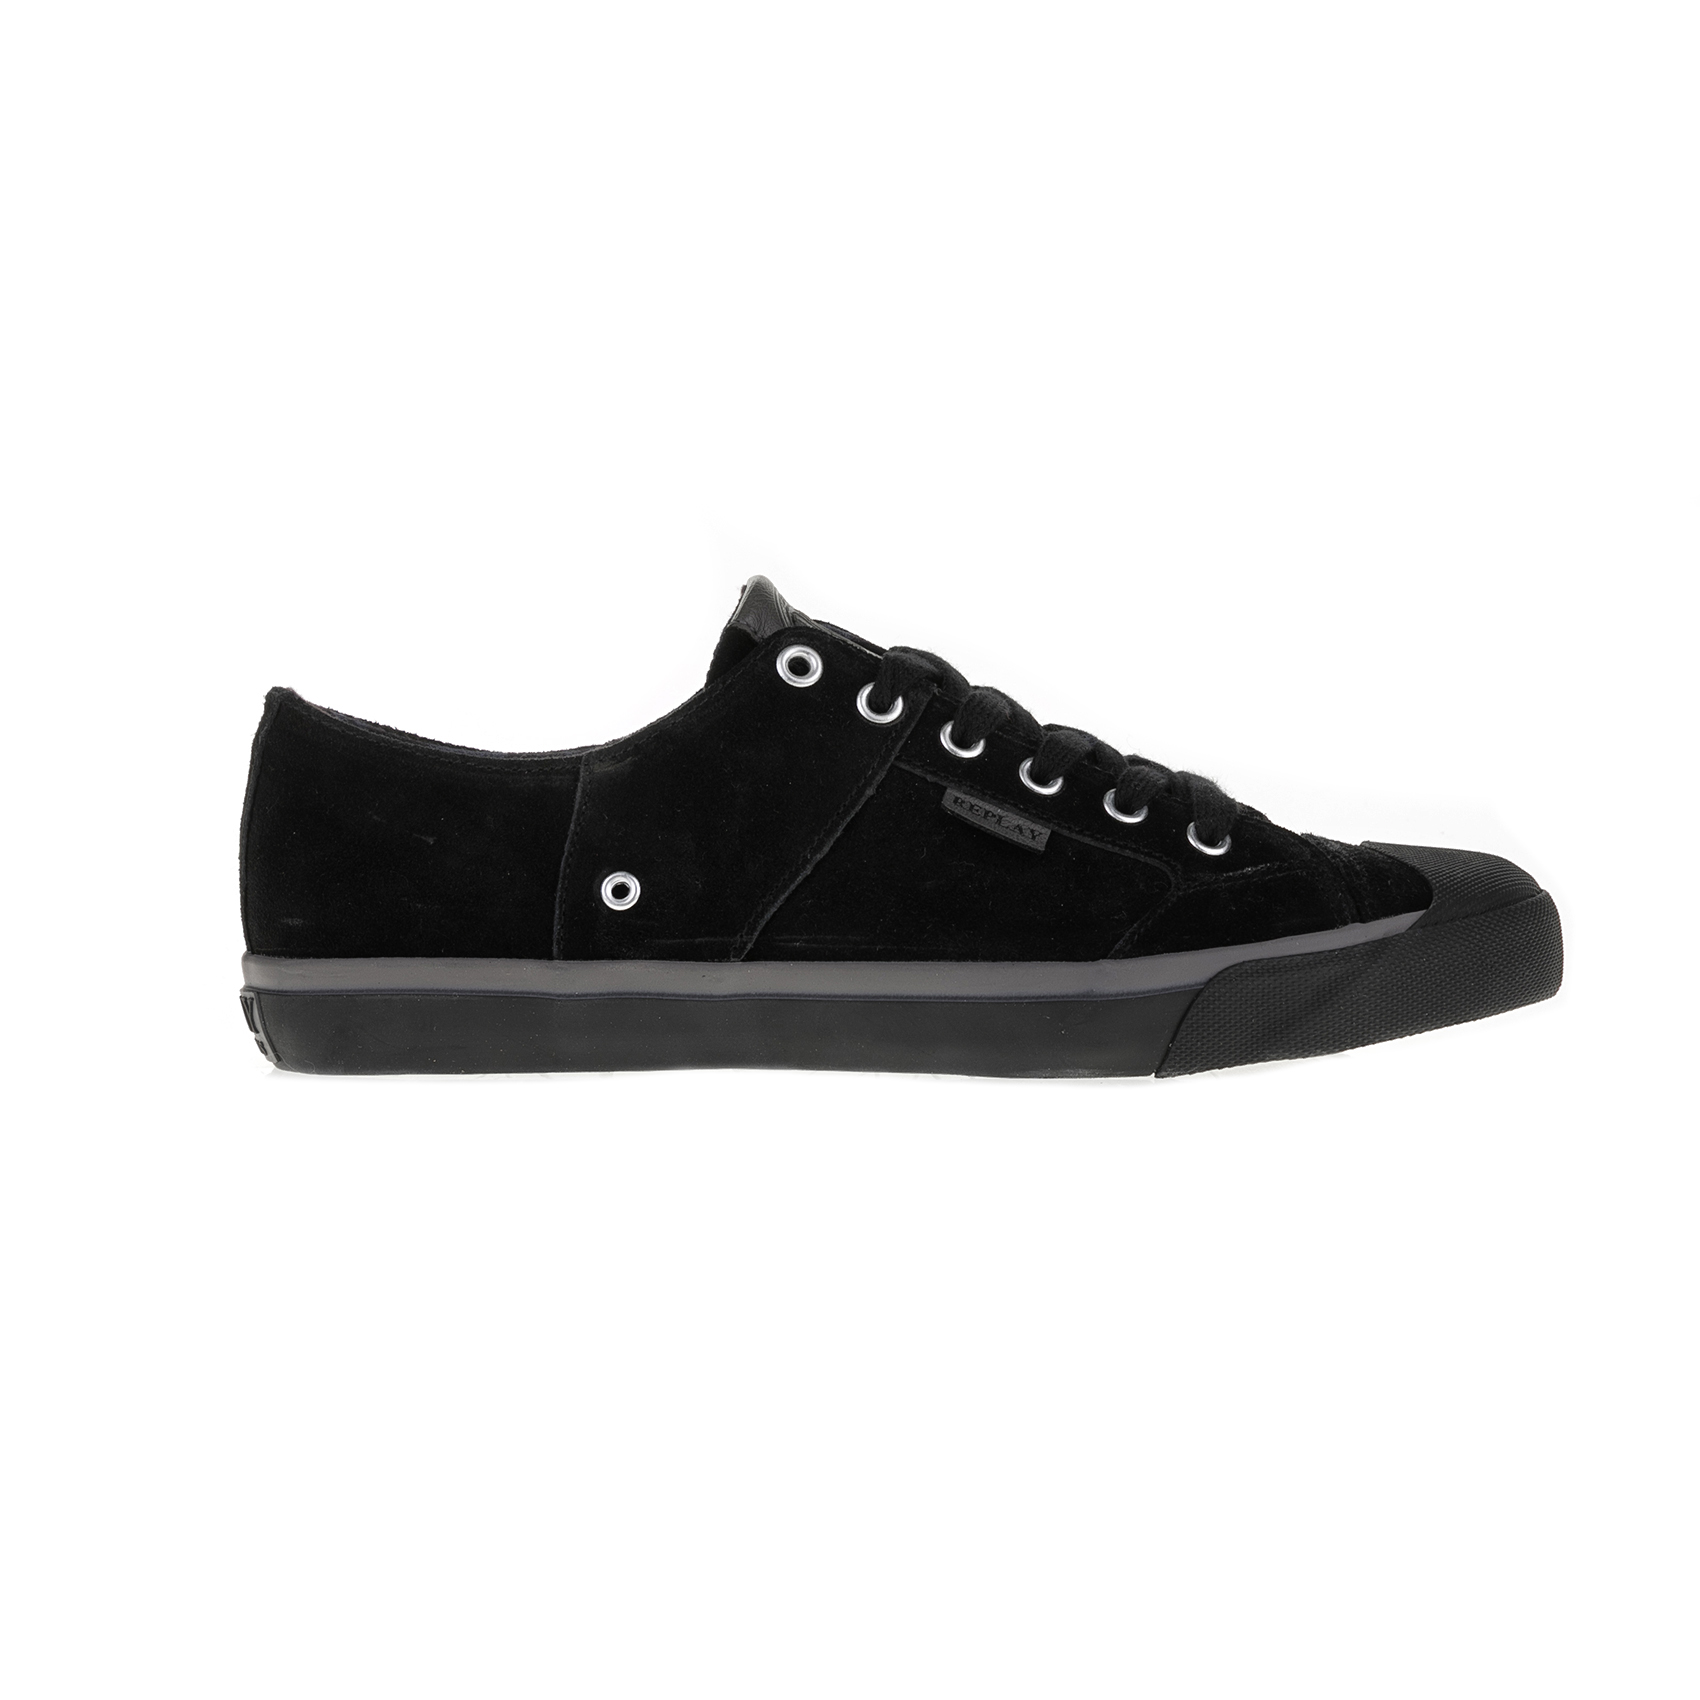 REPLAY – Ανδρικά sneakers REPLAY μαύρα